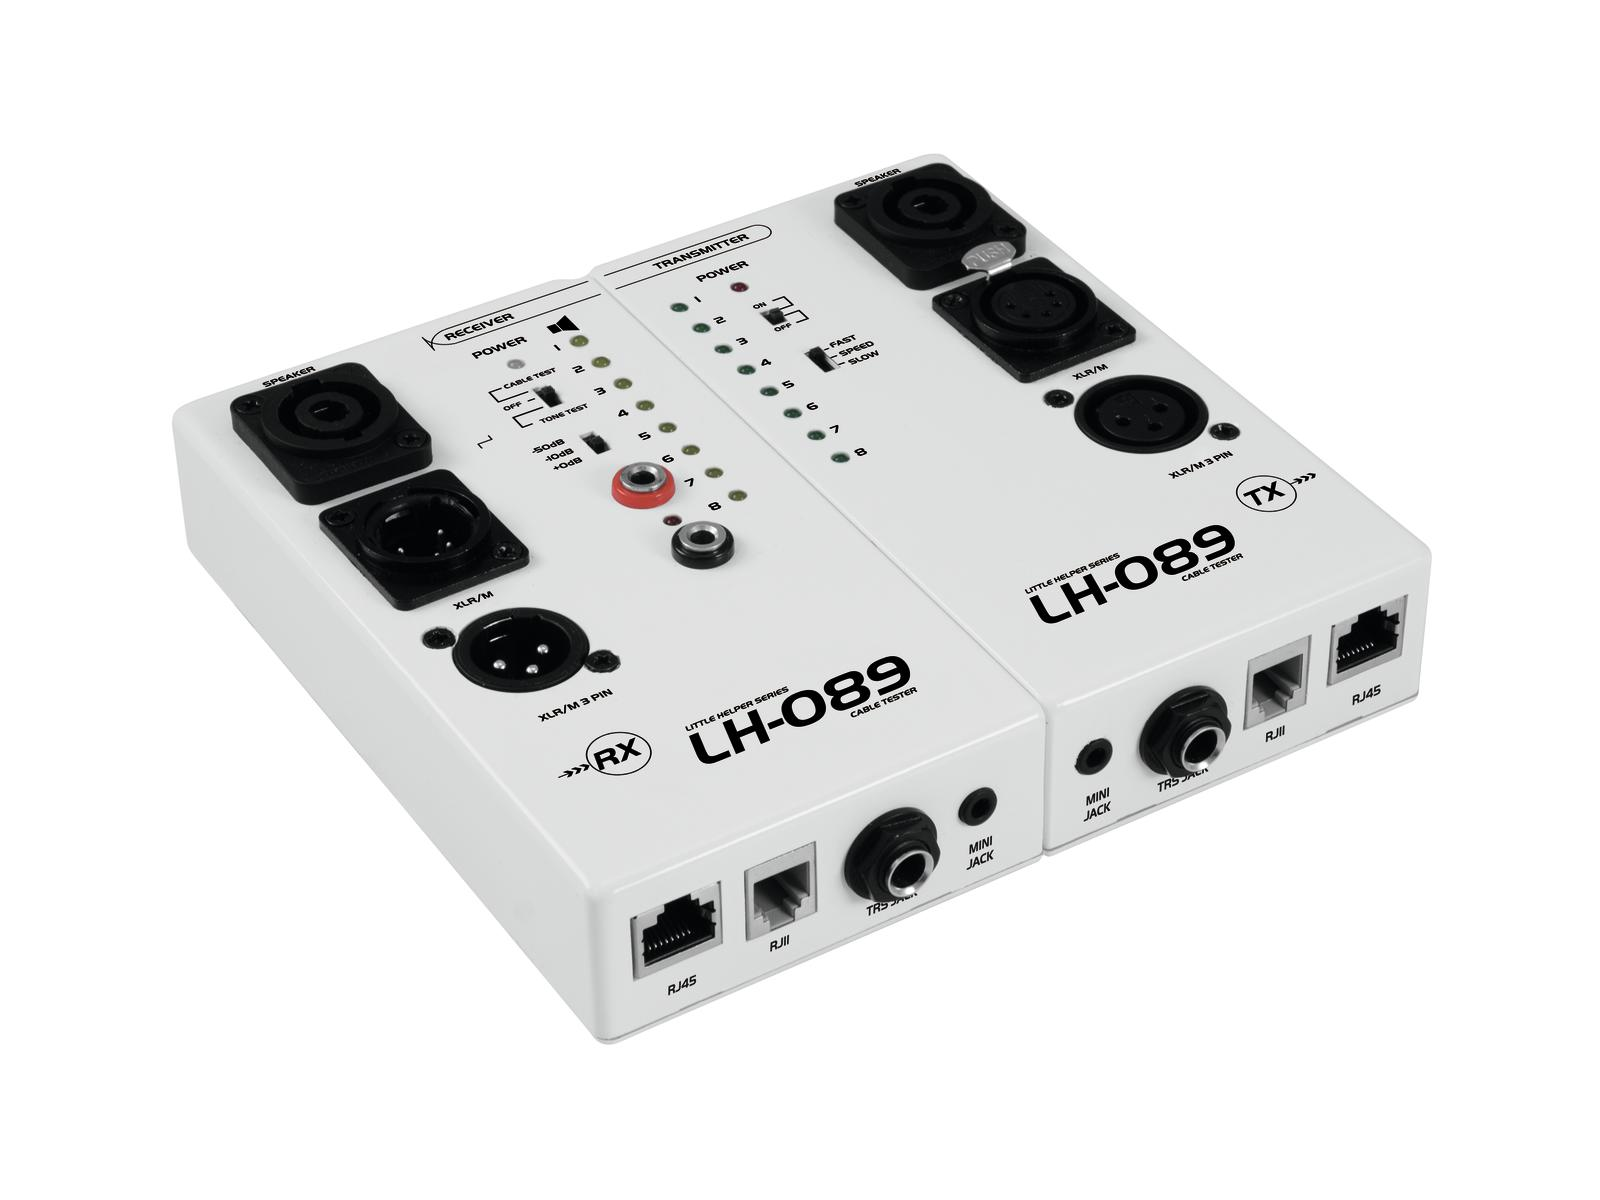 omnitronic-lh-089-kabeltestersystem